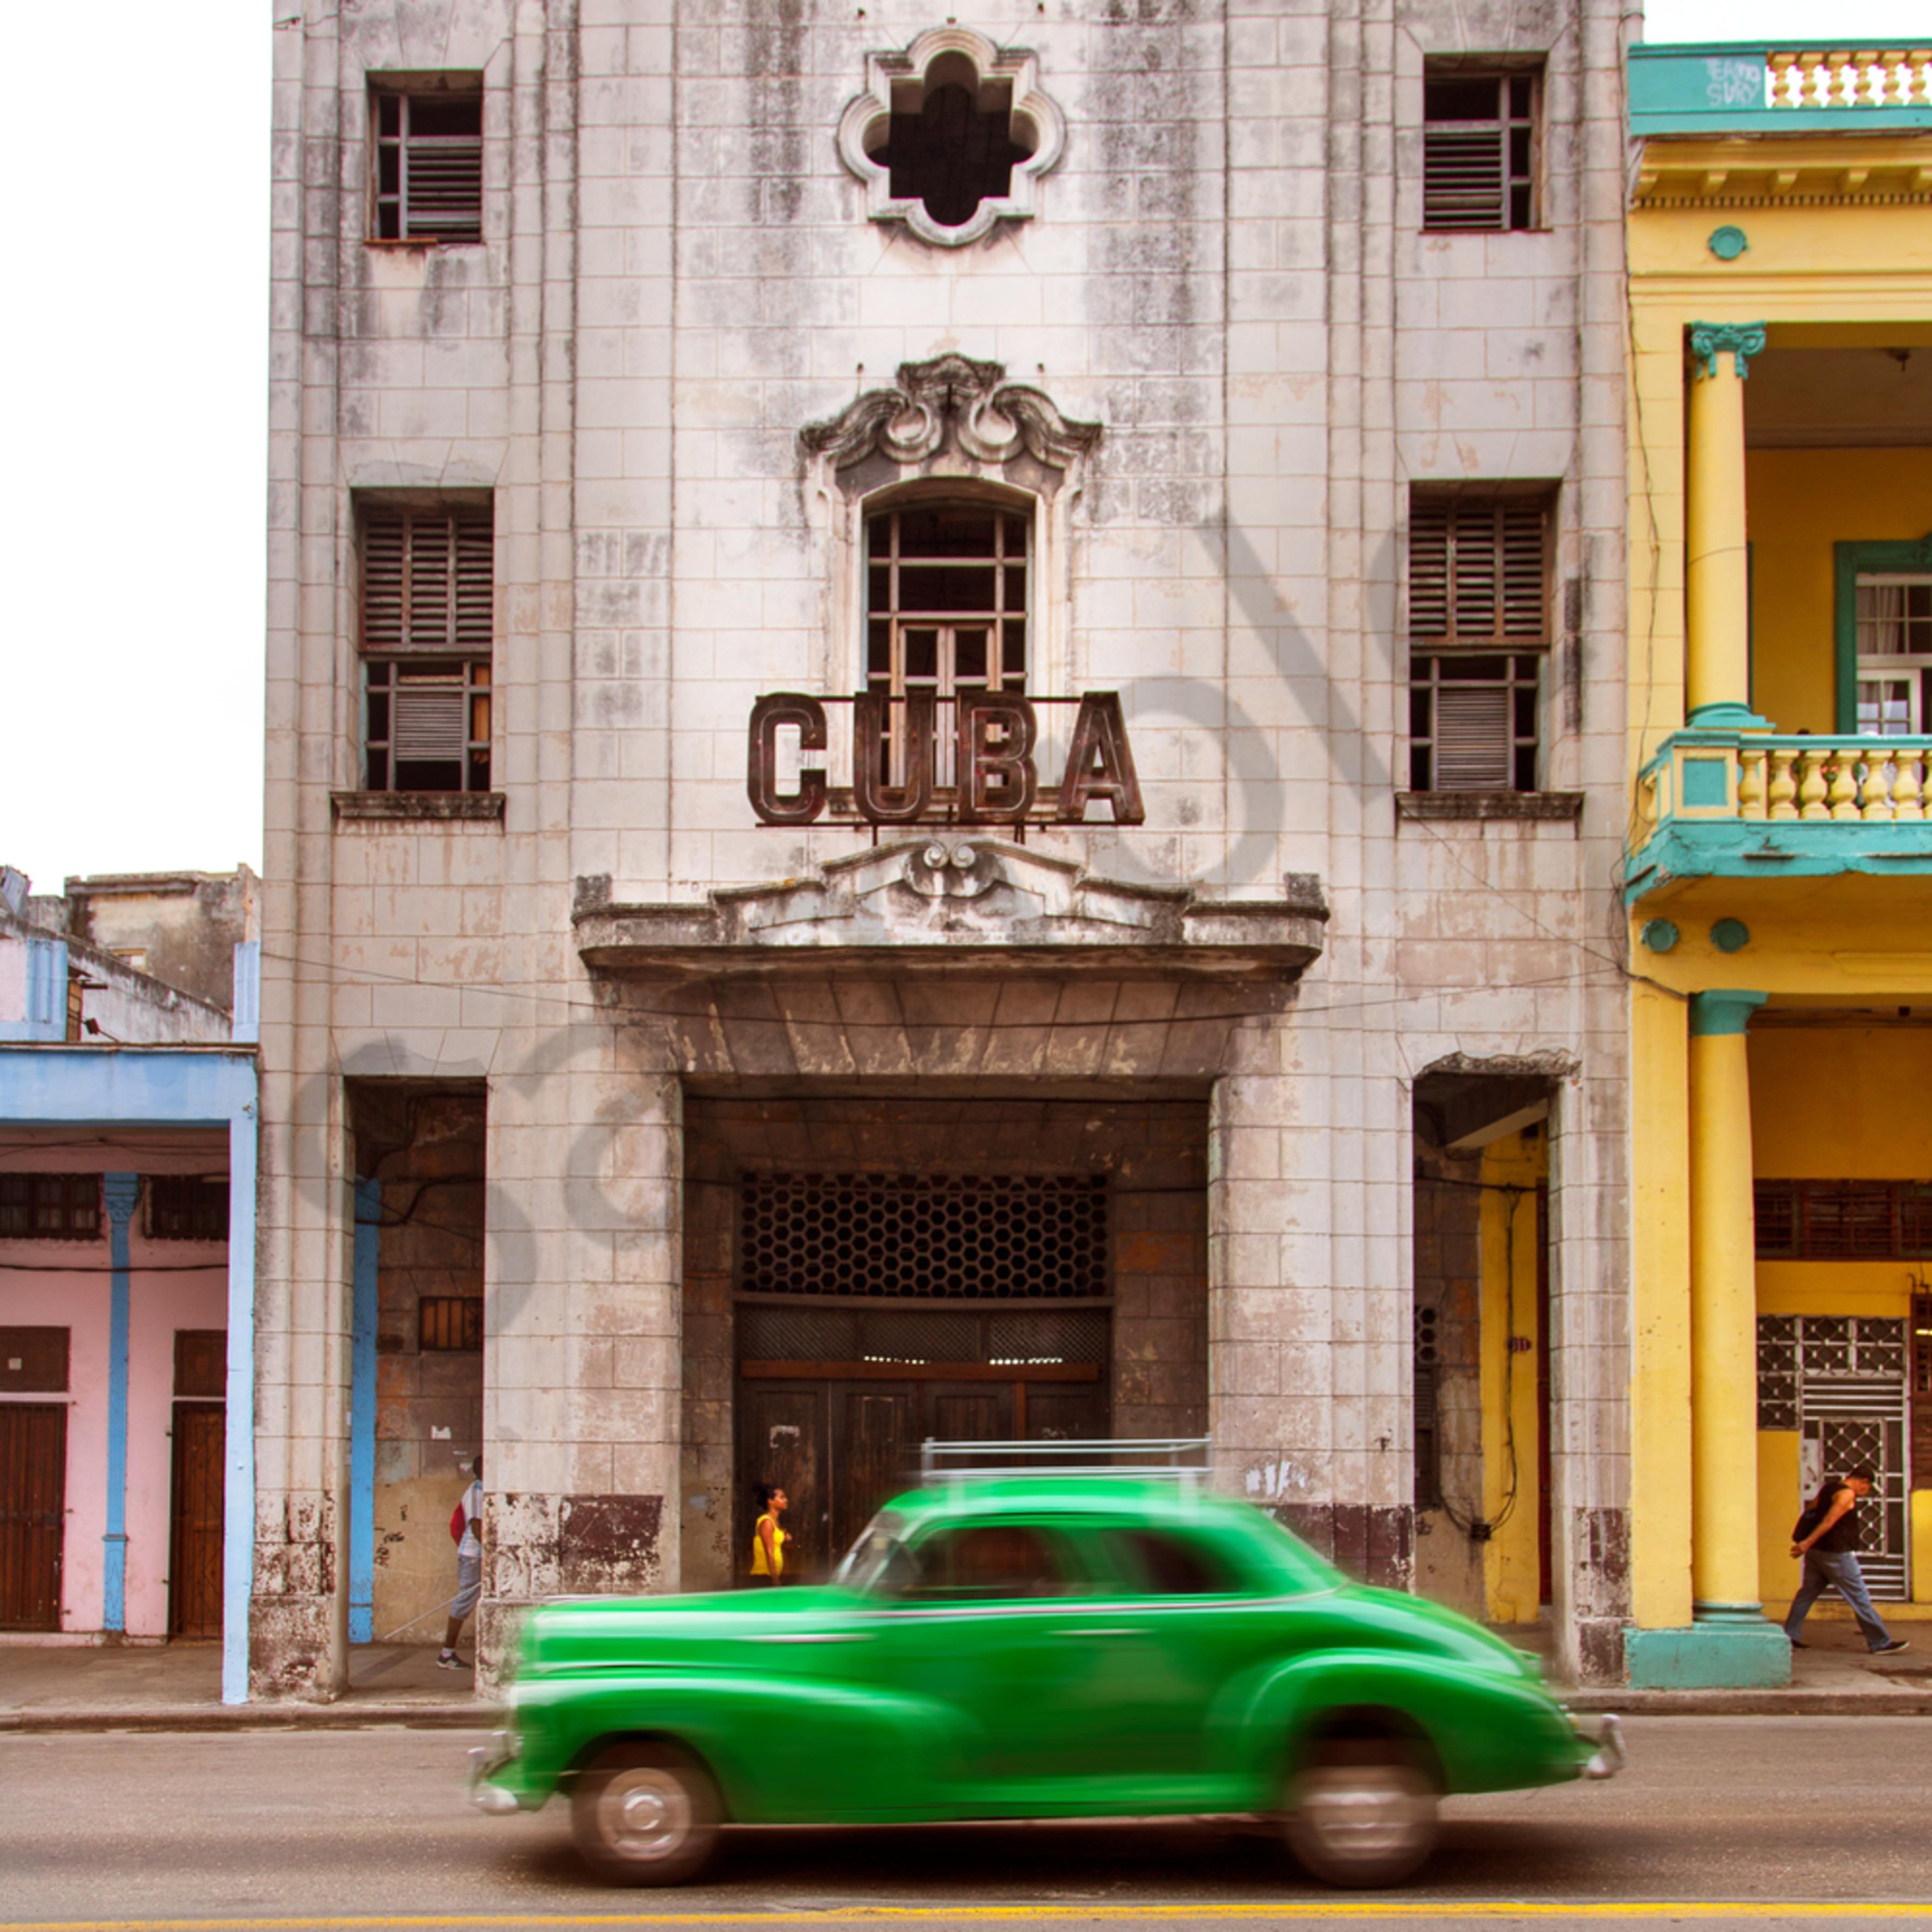 Cuba green 6839  decdze